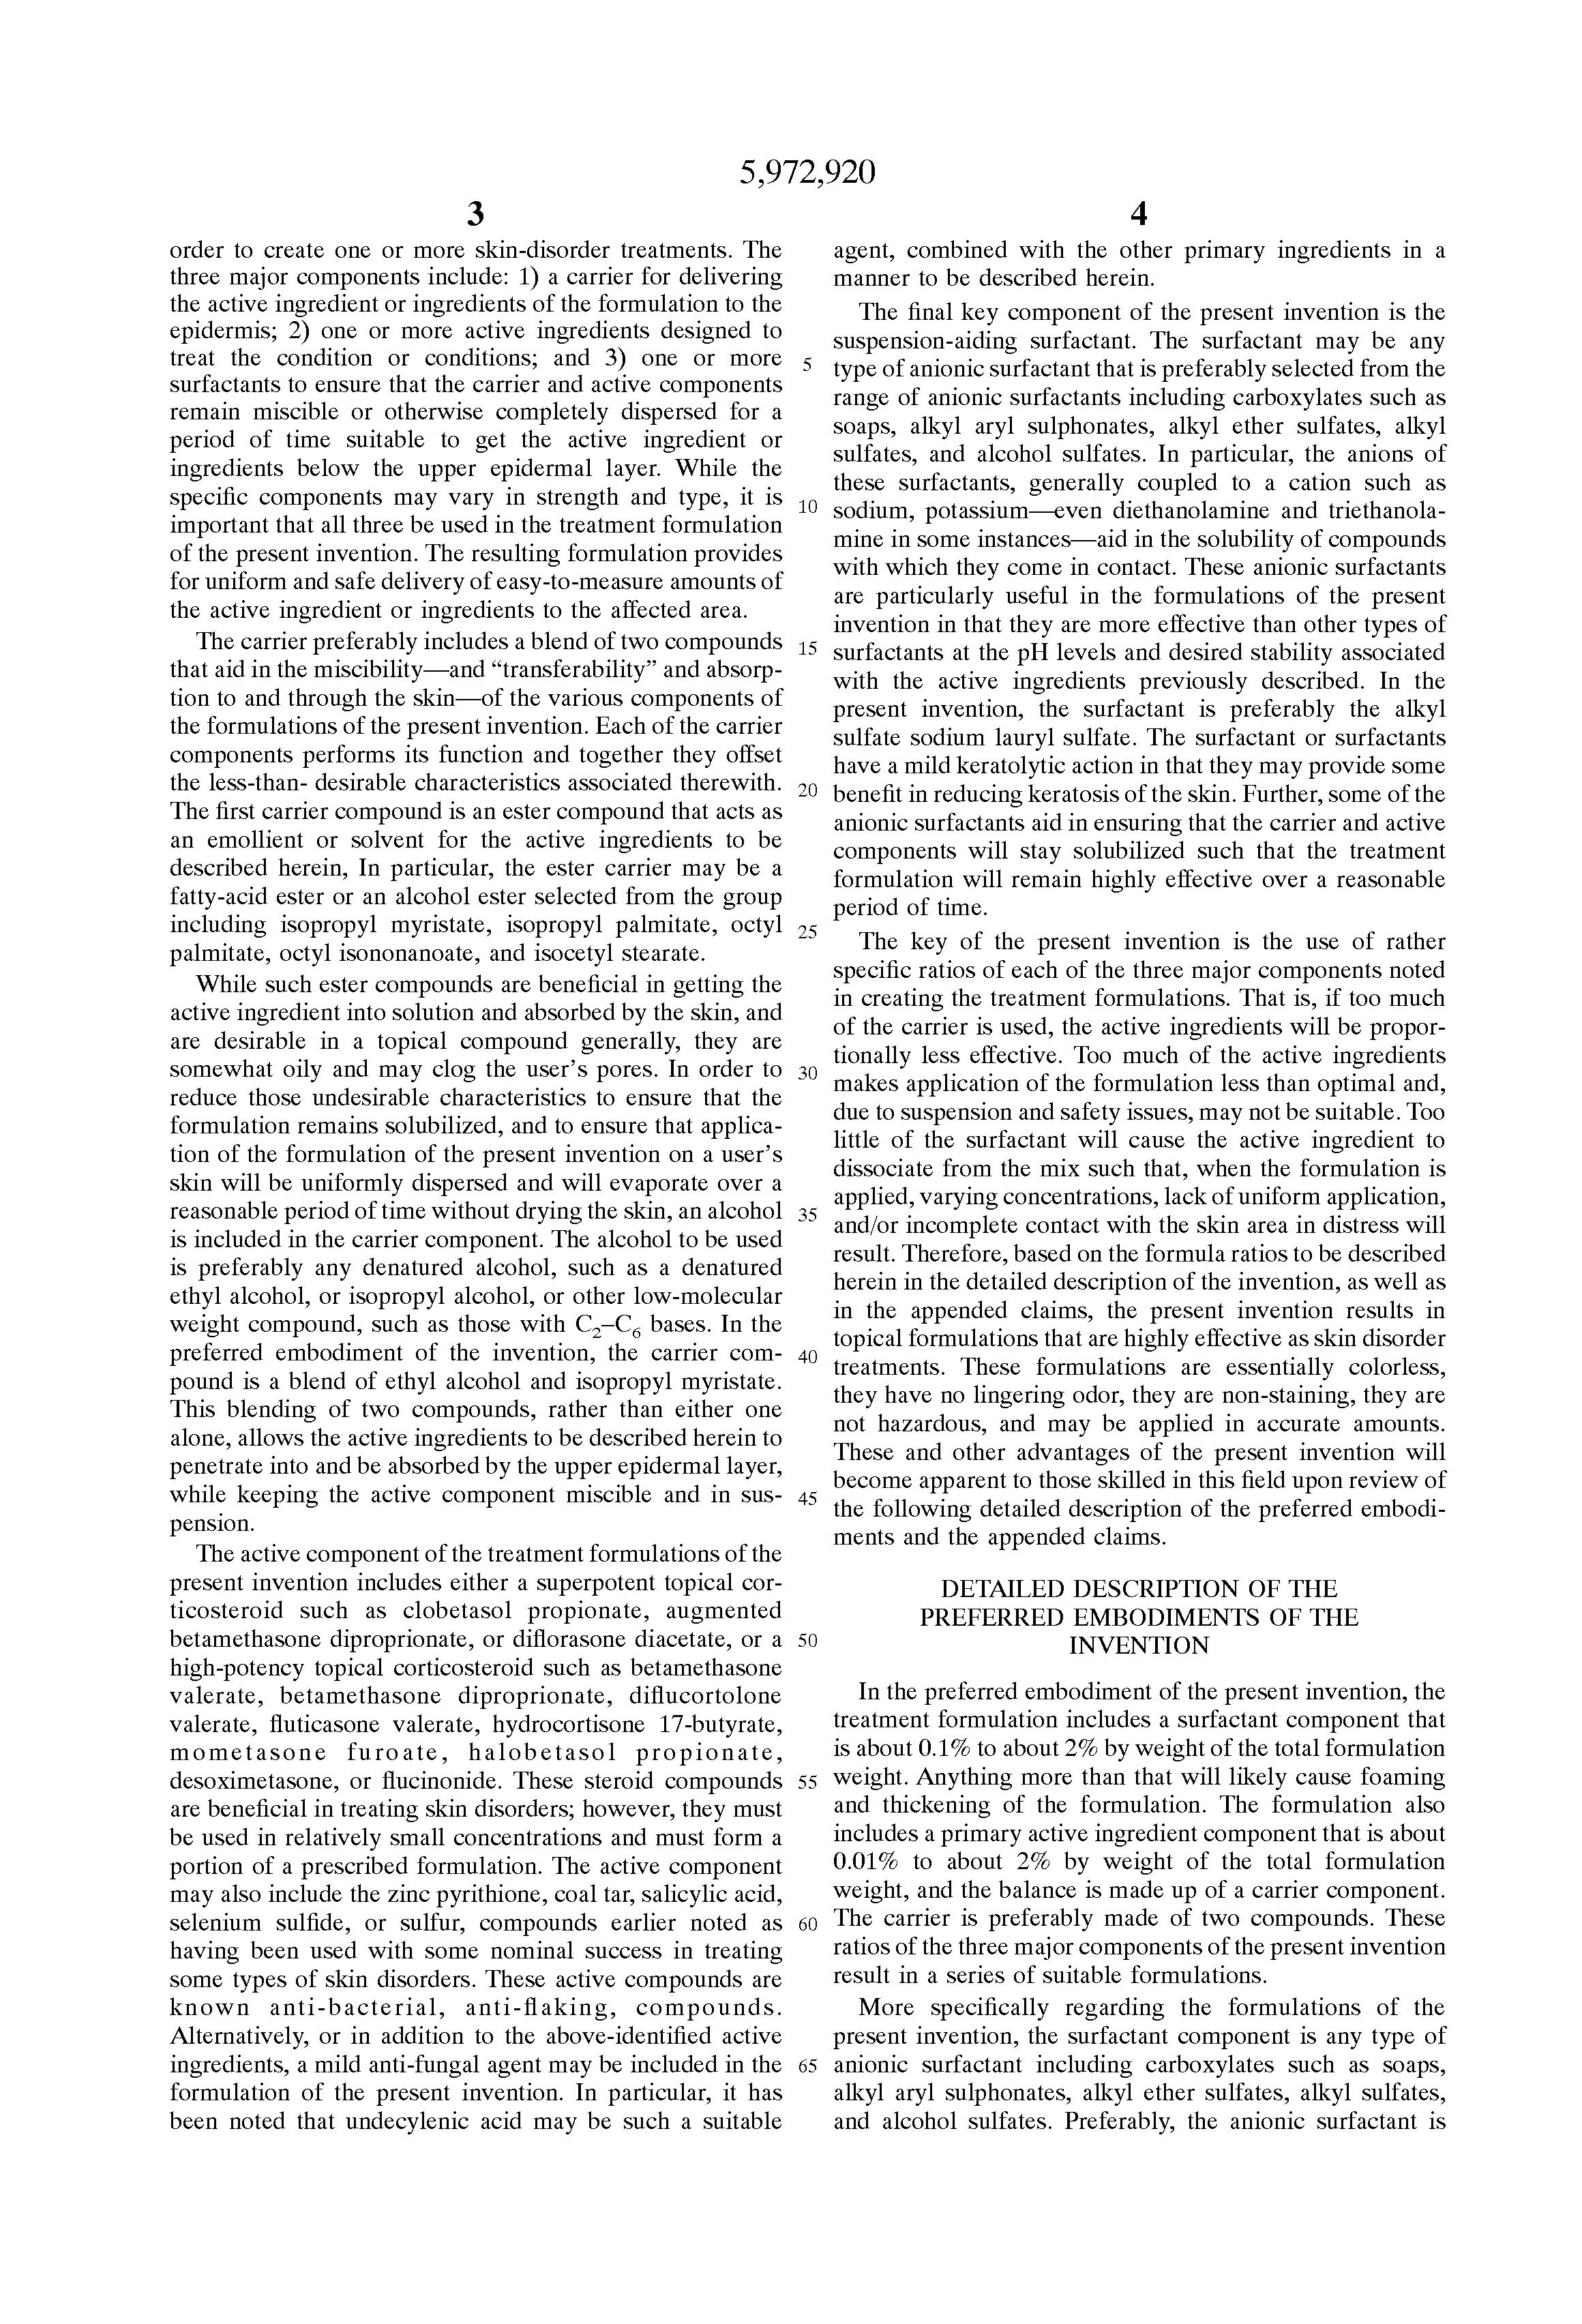 6 finasteride propecia